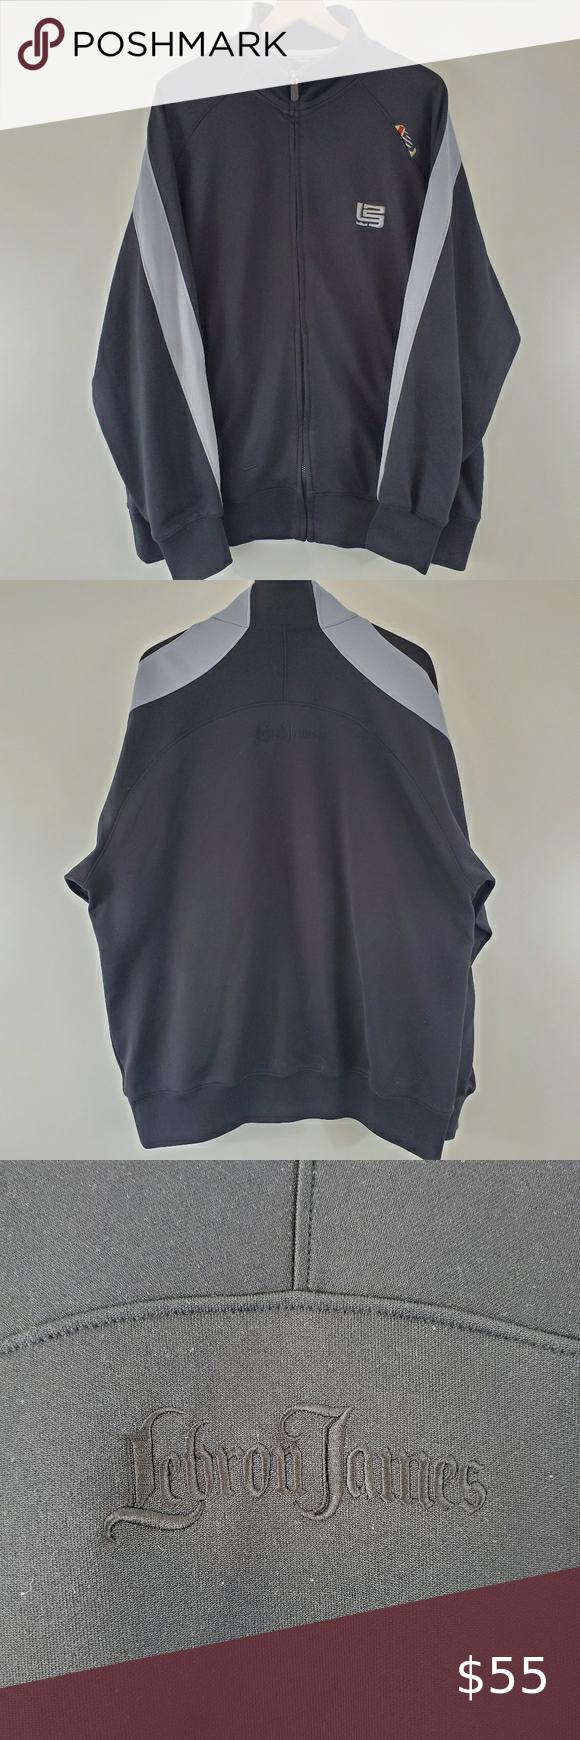 Nike Lebron James Zip Sweatshirt Zip Sweatshirt Nike Jacket Nike [ 1740 x 580 Pixel ]